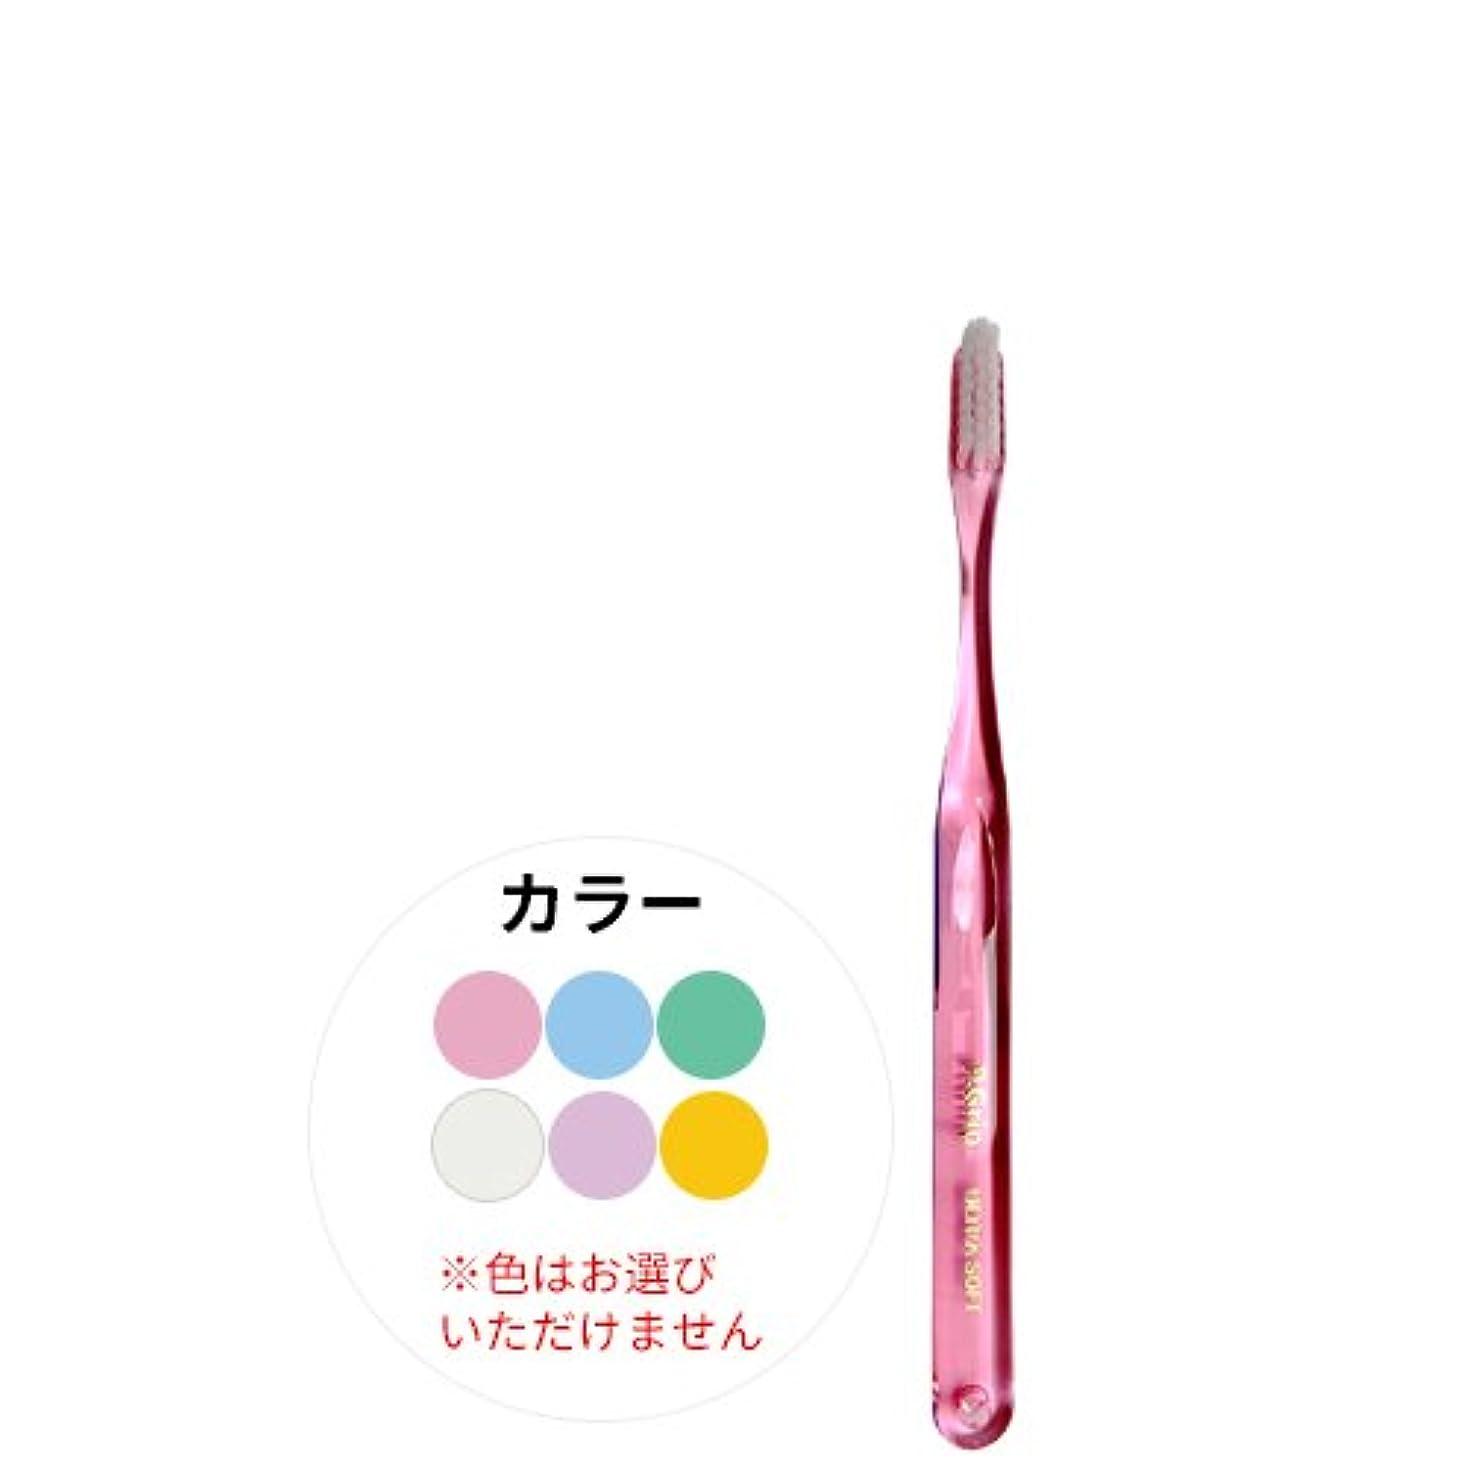 P.D.R.(ピーディーアール) P.Grip(ピーグリップ)ウルトラソフト 歯ブラシ × 1本